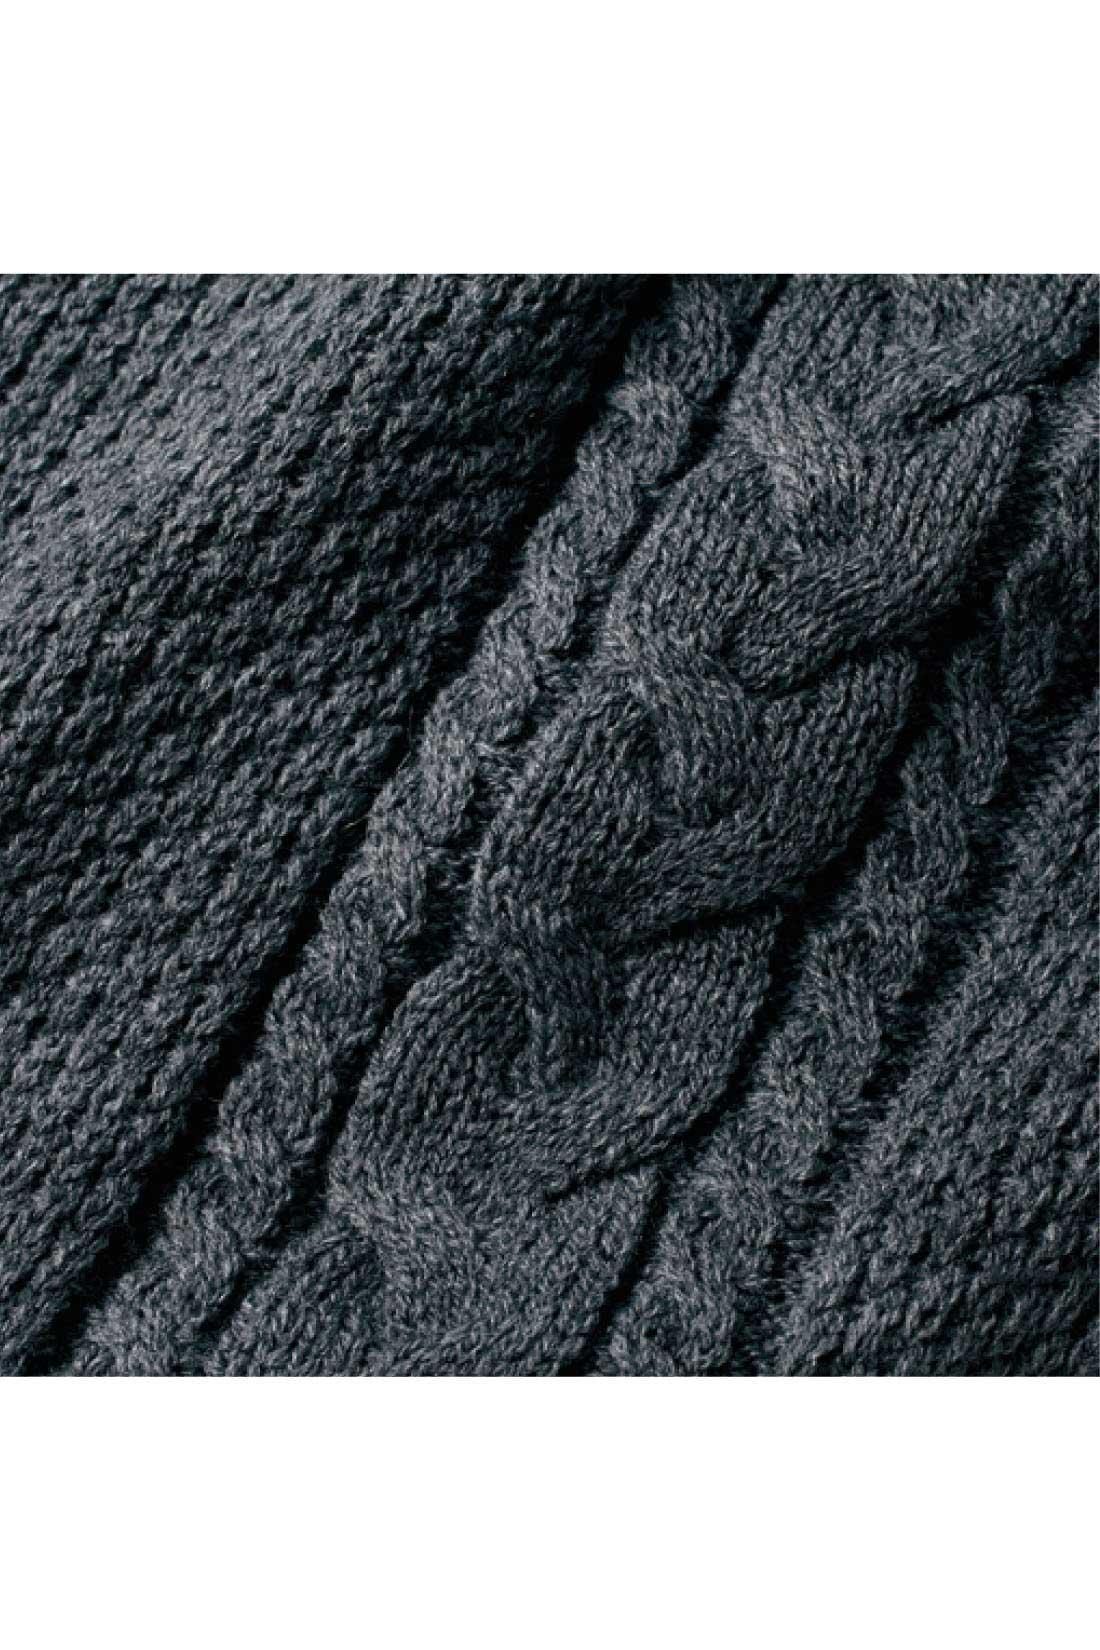 縦に入れたケーブル編みでスッキリ細見せ。